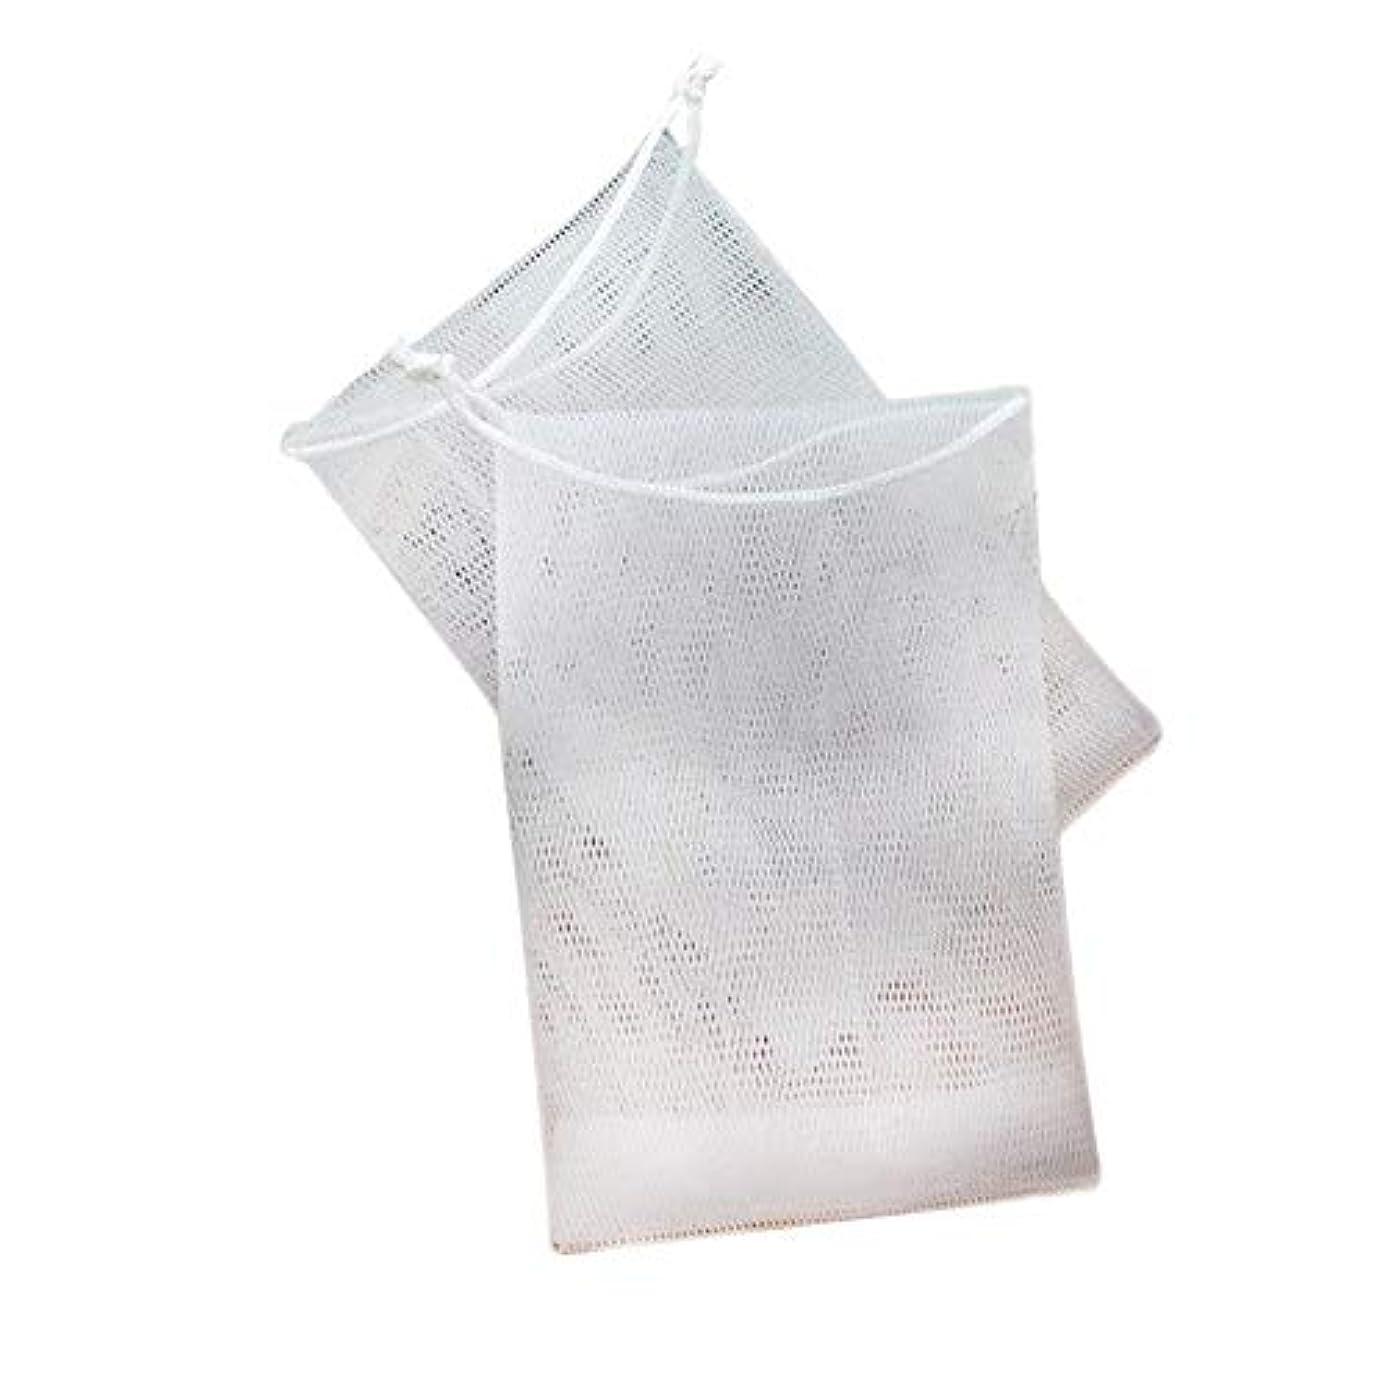 レシピ排泄する驚いたことに石鹸の袋の網のドローストリング袋は ハンドメイドの石鹸の泡泡ネットメーカーのために掛けることができます 12×9cm